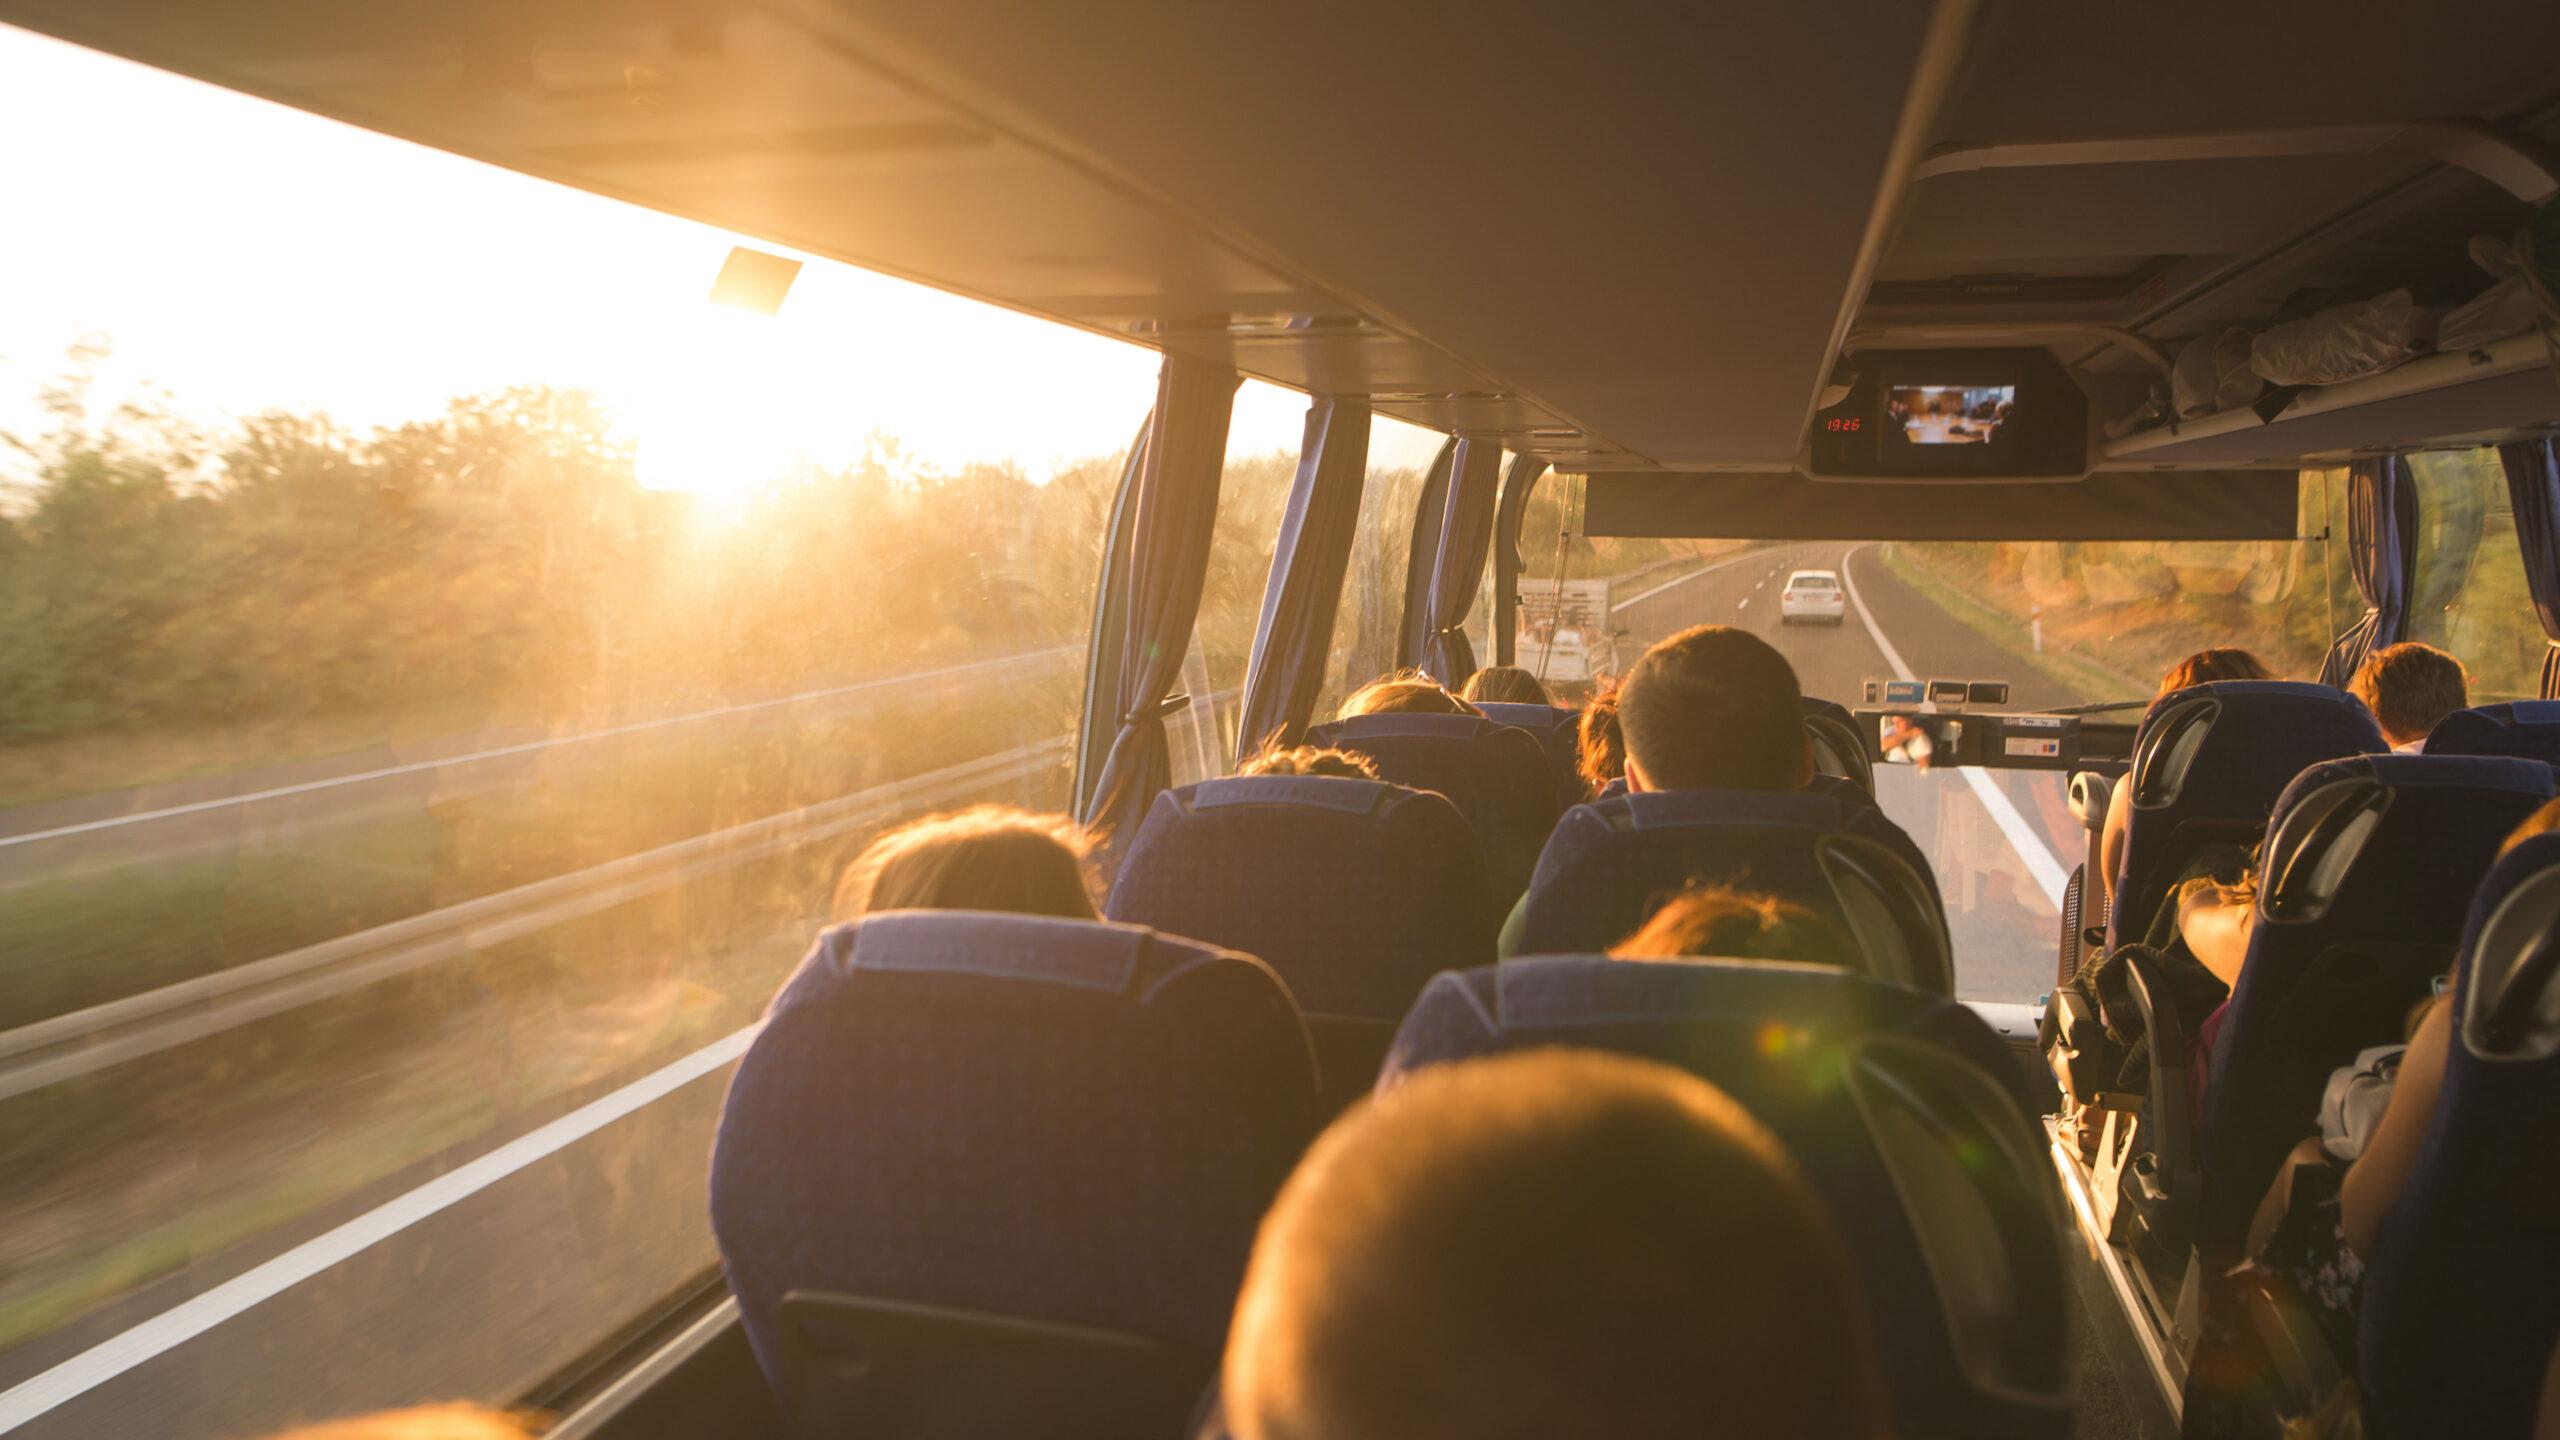 transports par bus